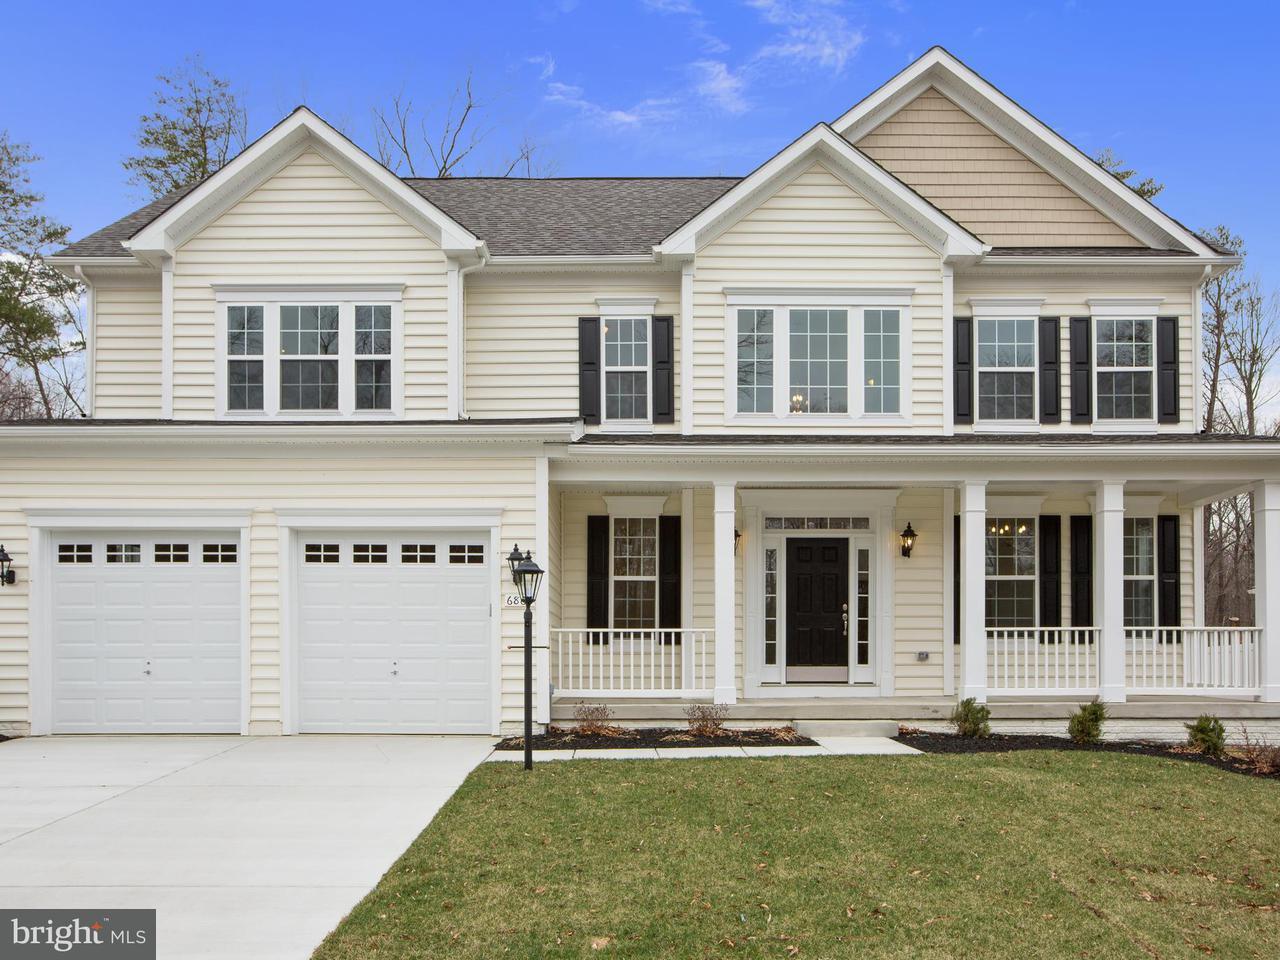 Maison unifamiliale pour l Vente à 6862 Mccormick Drive 6862 Mccormick Drive Bryans Road, Maryland 20616 États-Unis